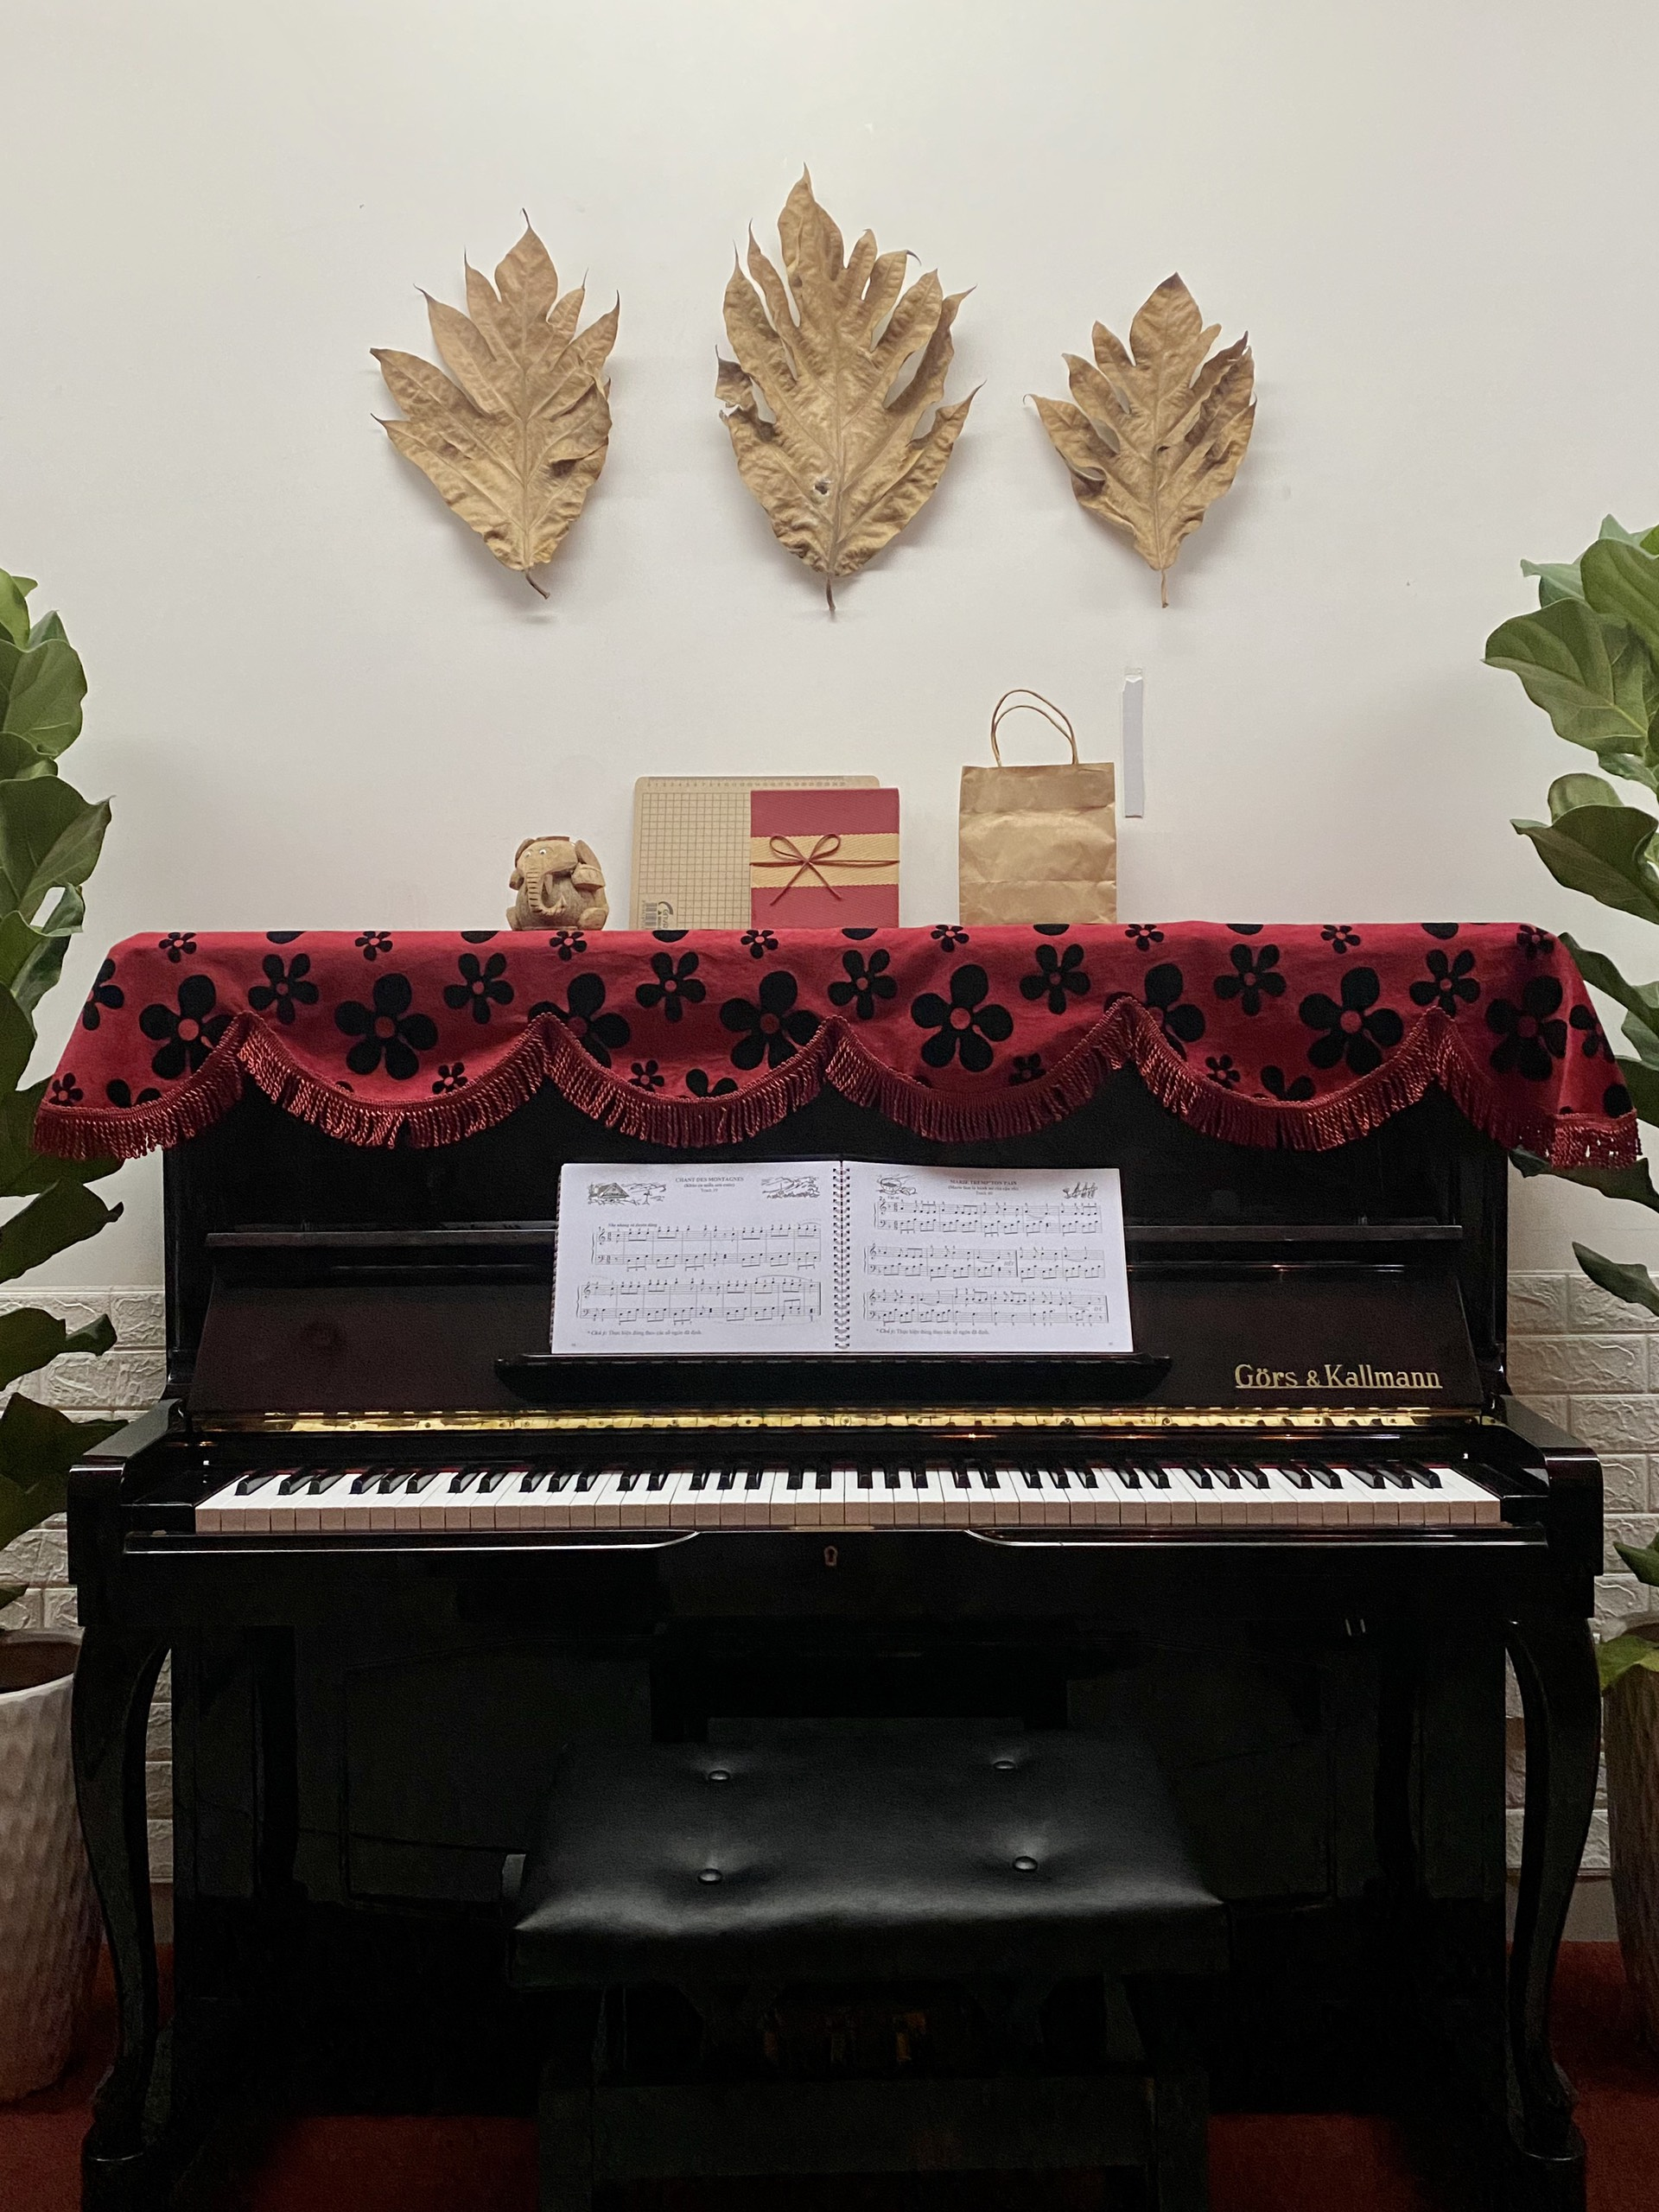 Thầy hay chơi Piano ở đây. Âm nhạc luôn gắn liền với phim ảnh.